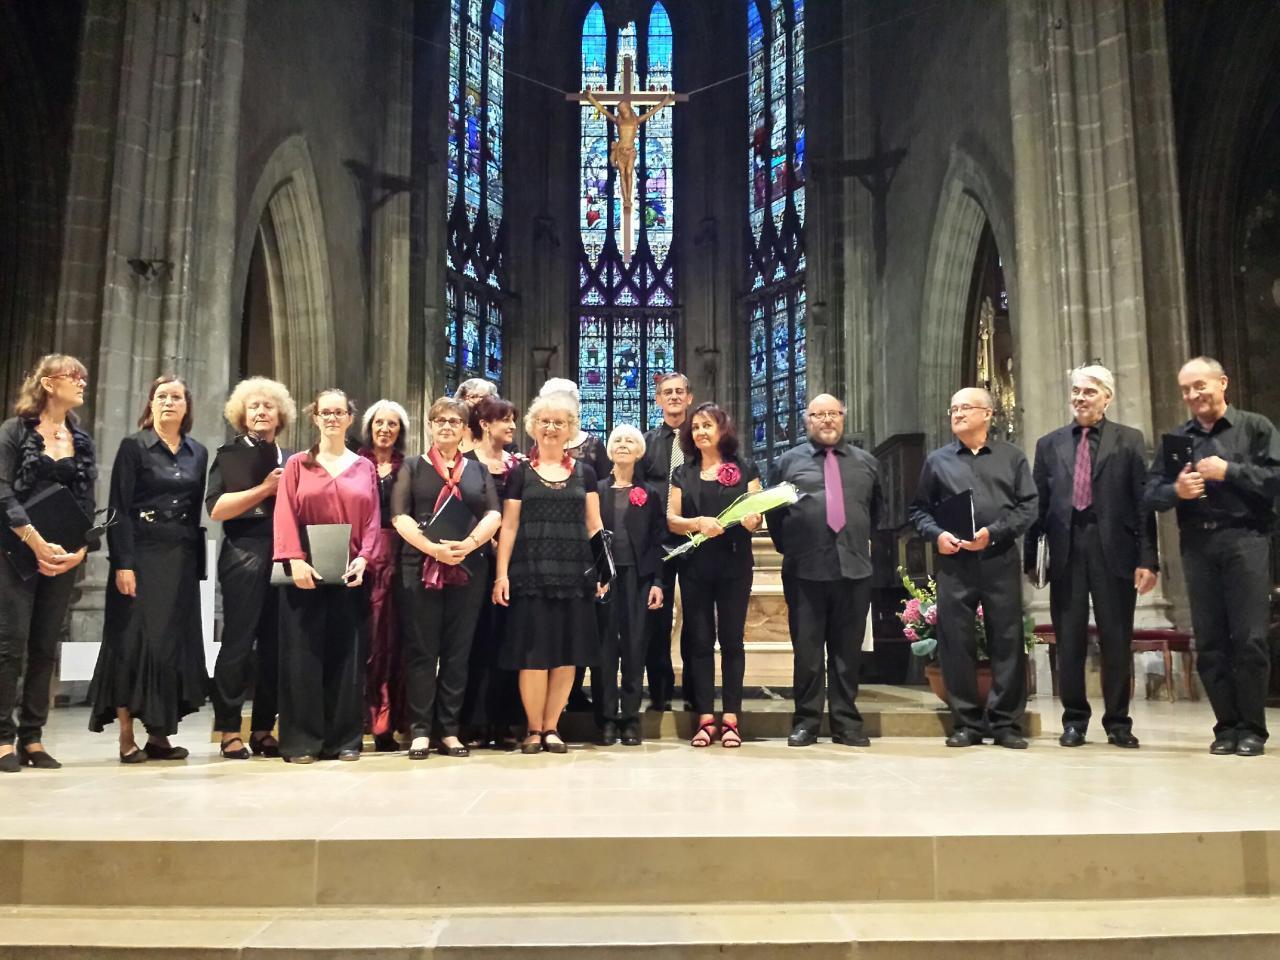 Choeur BUXTEHUDE en Bourgogne - Concert du 23/06/15